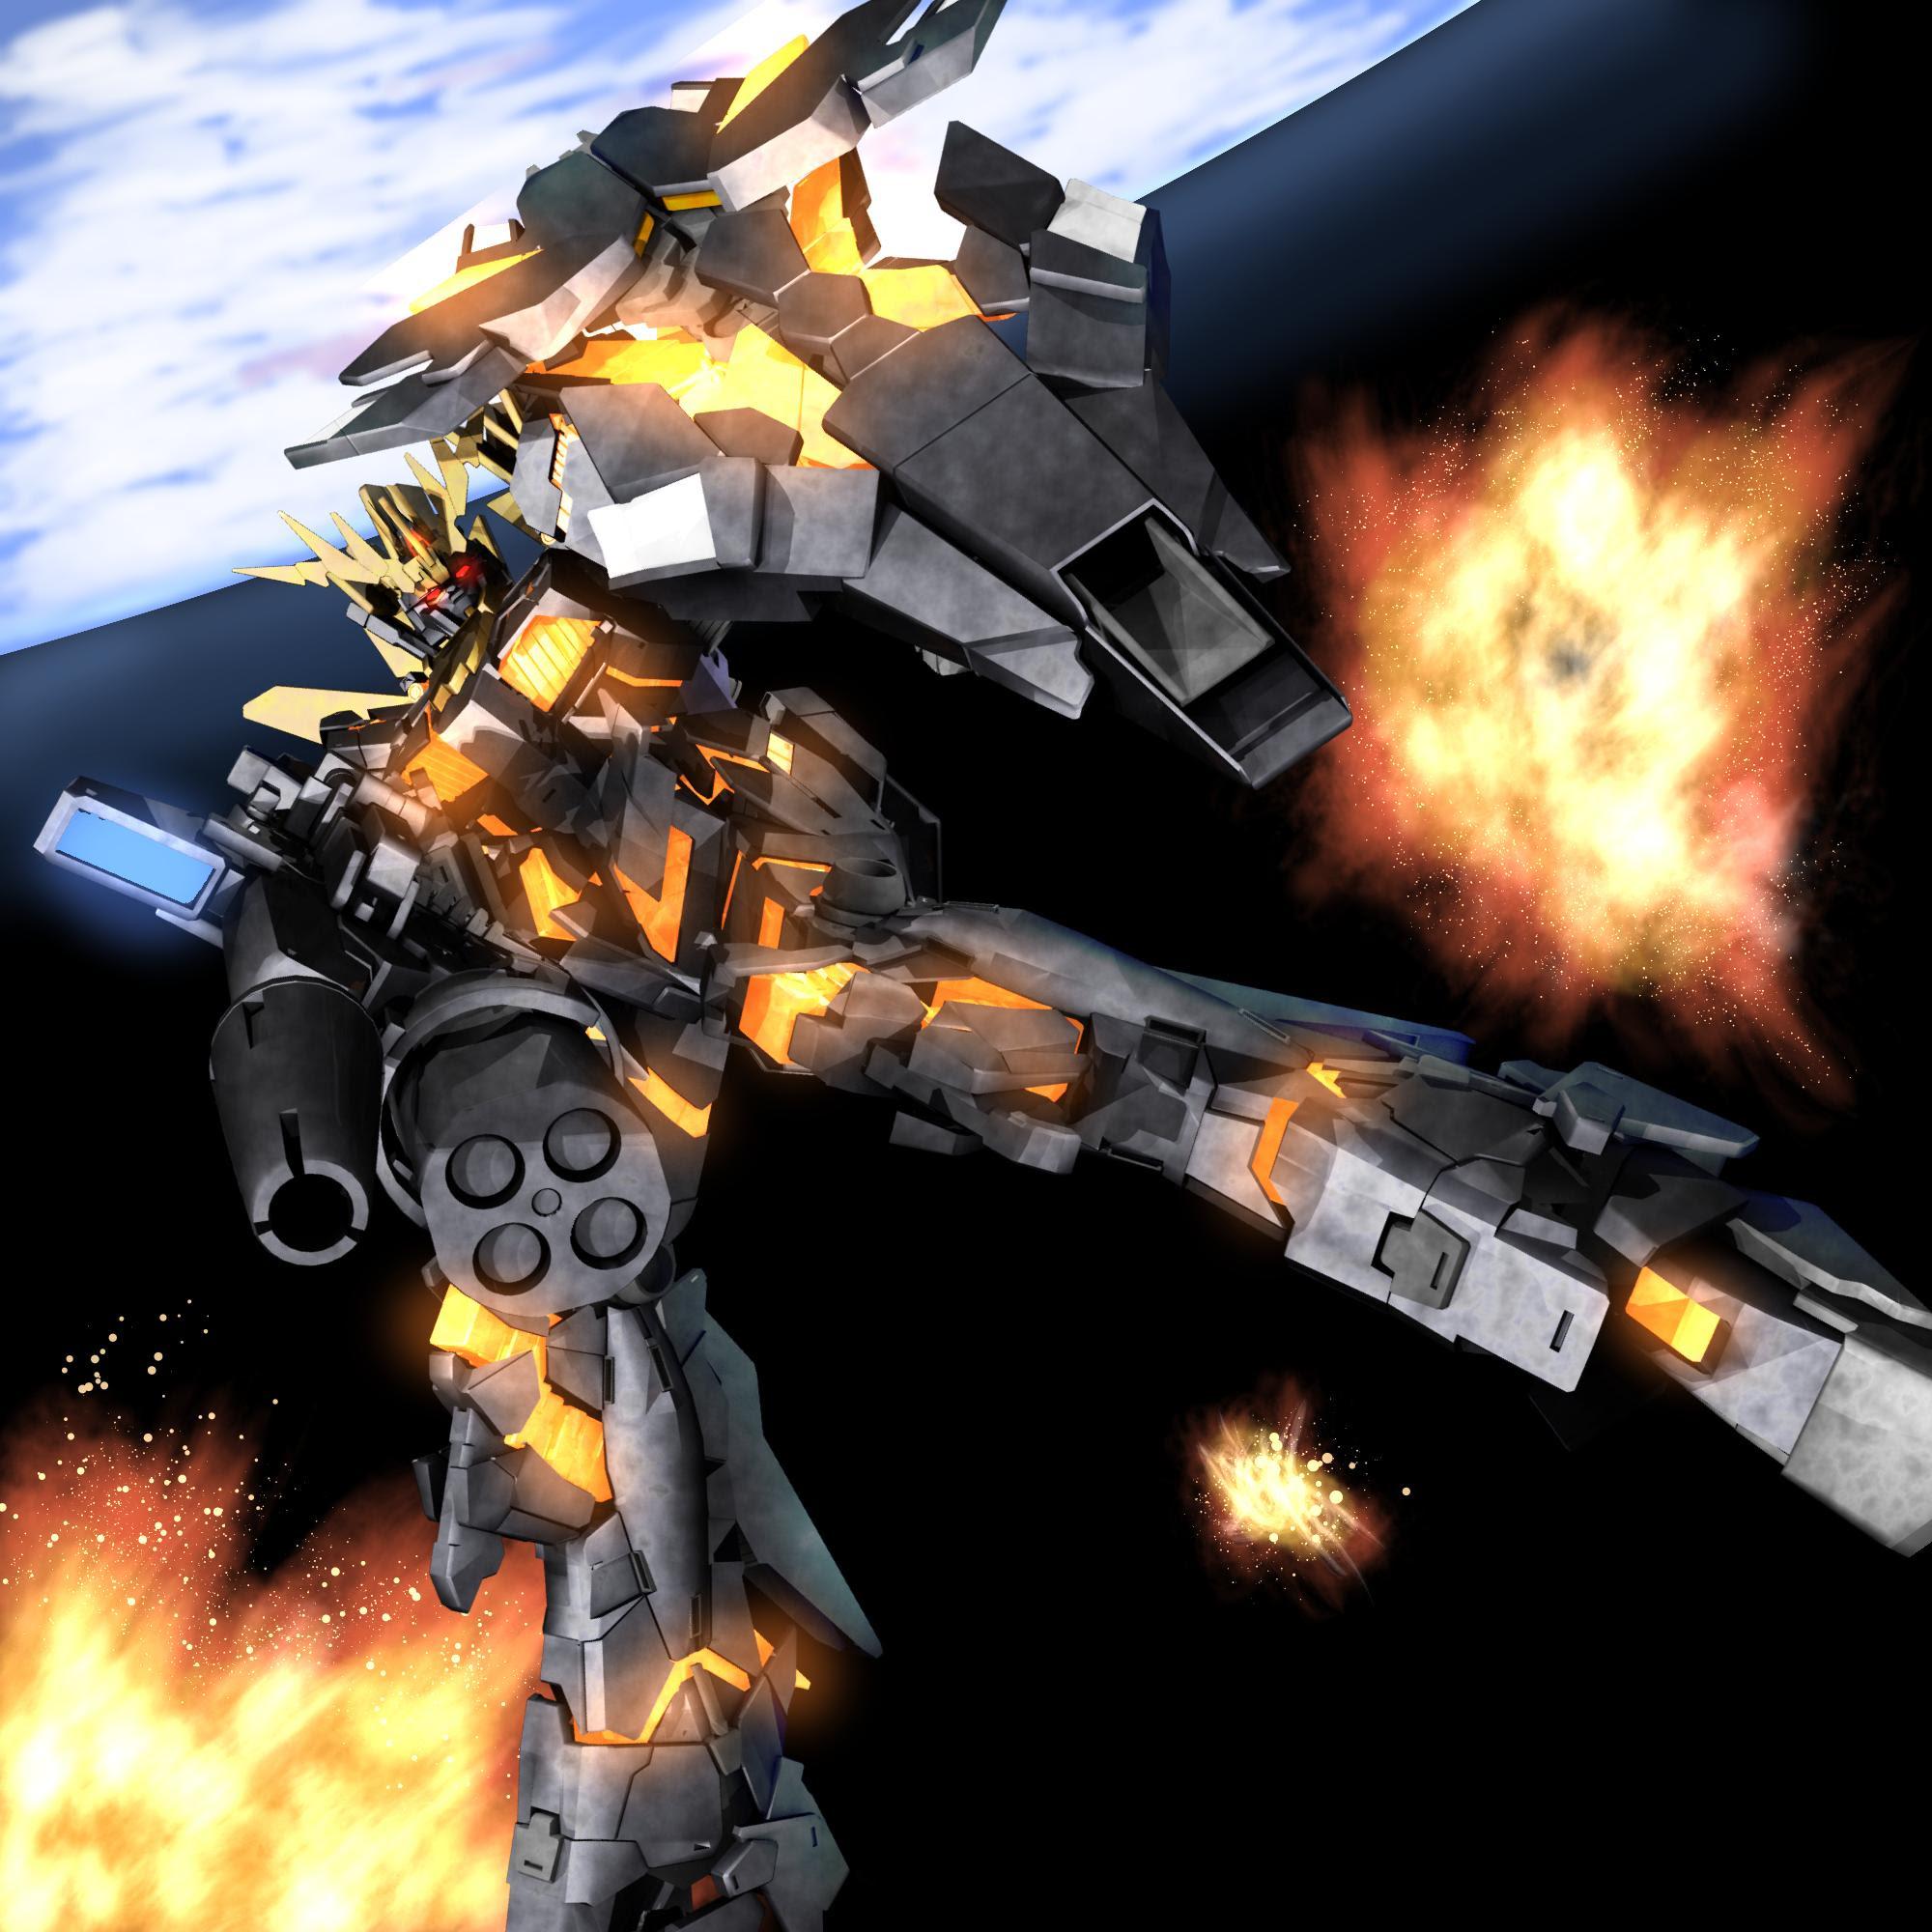 ロボットアニメ史上一番カッコいい機体って何なの アニメ大好きっ子